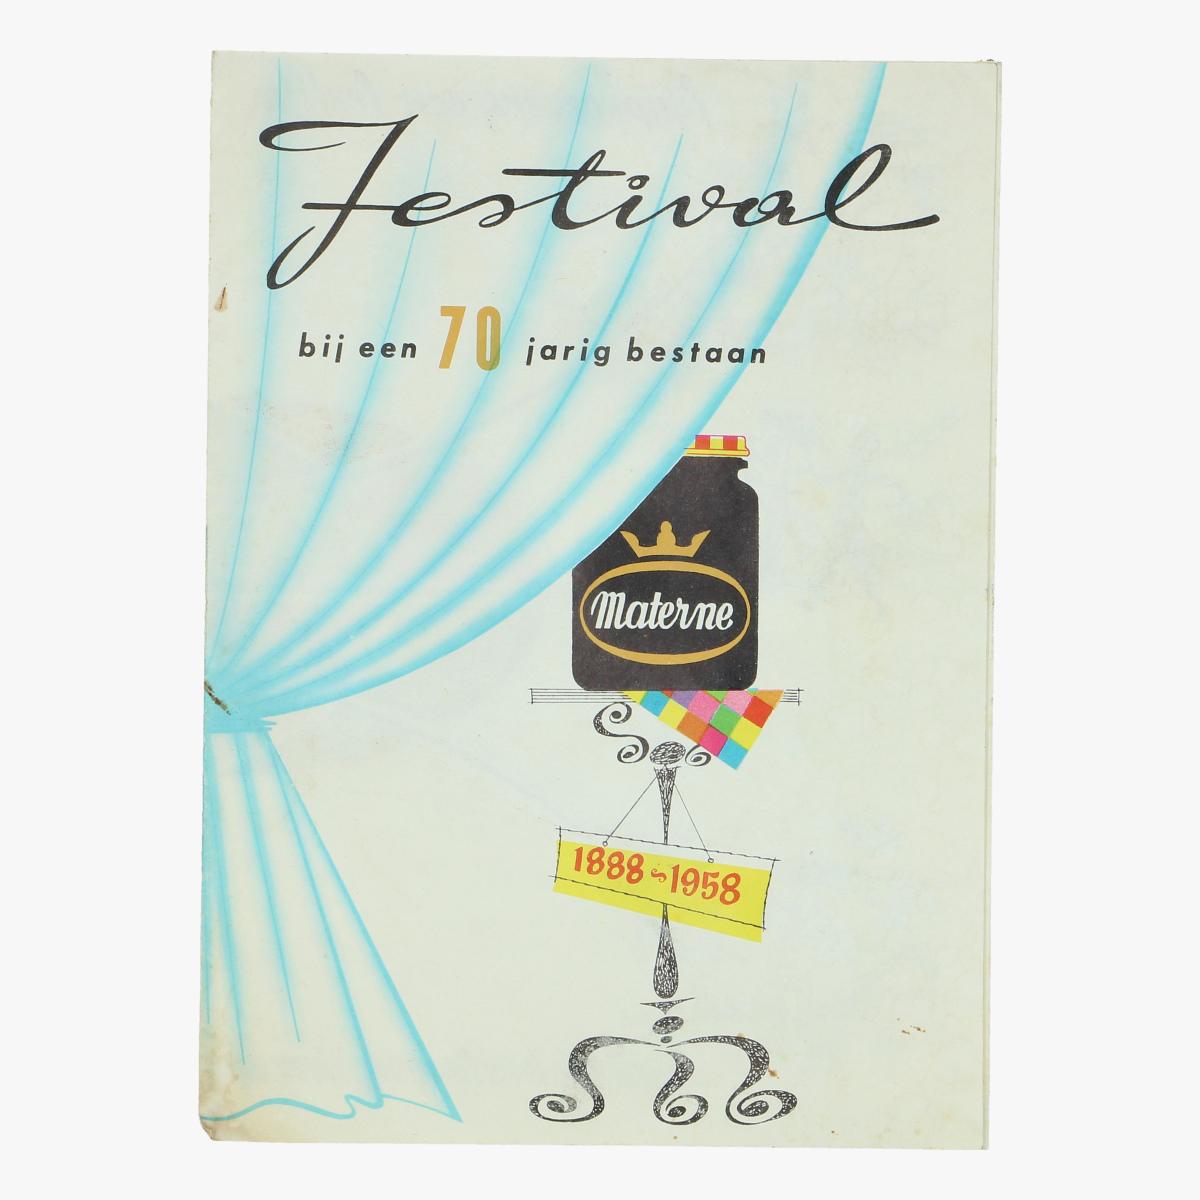 Afbeeldingen van expo 58 festival bij een 70 jarig bestaan 1958 Materne